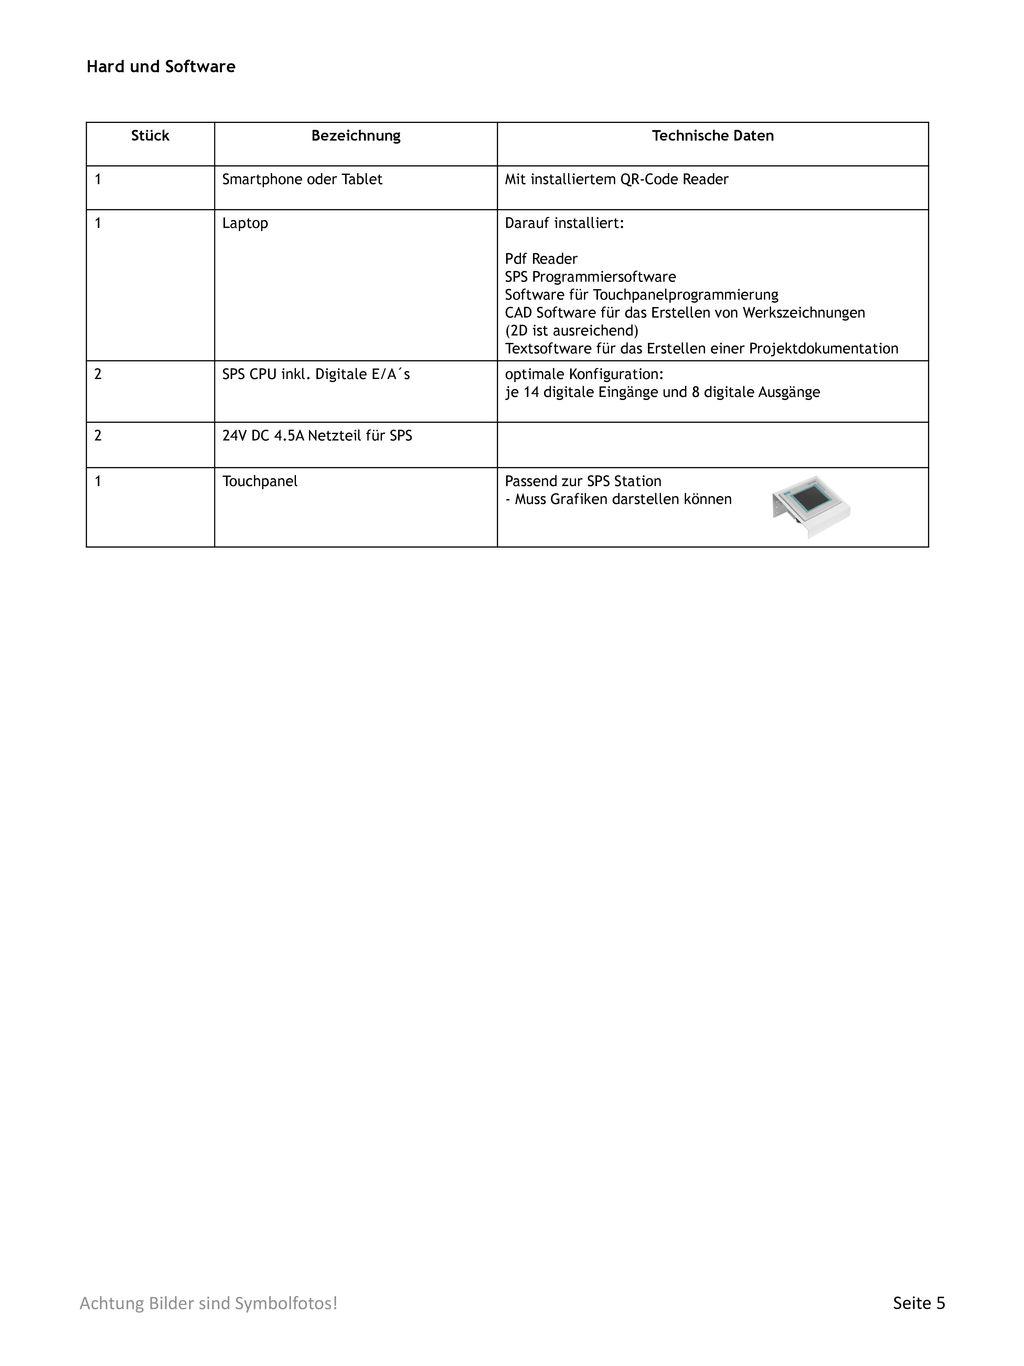 Hard und Software Stück Bezeichnung Technische Daten 1